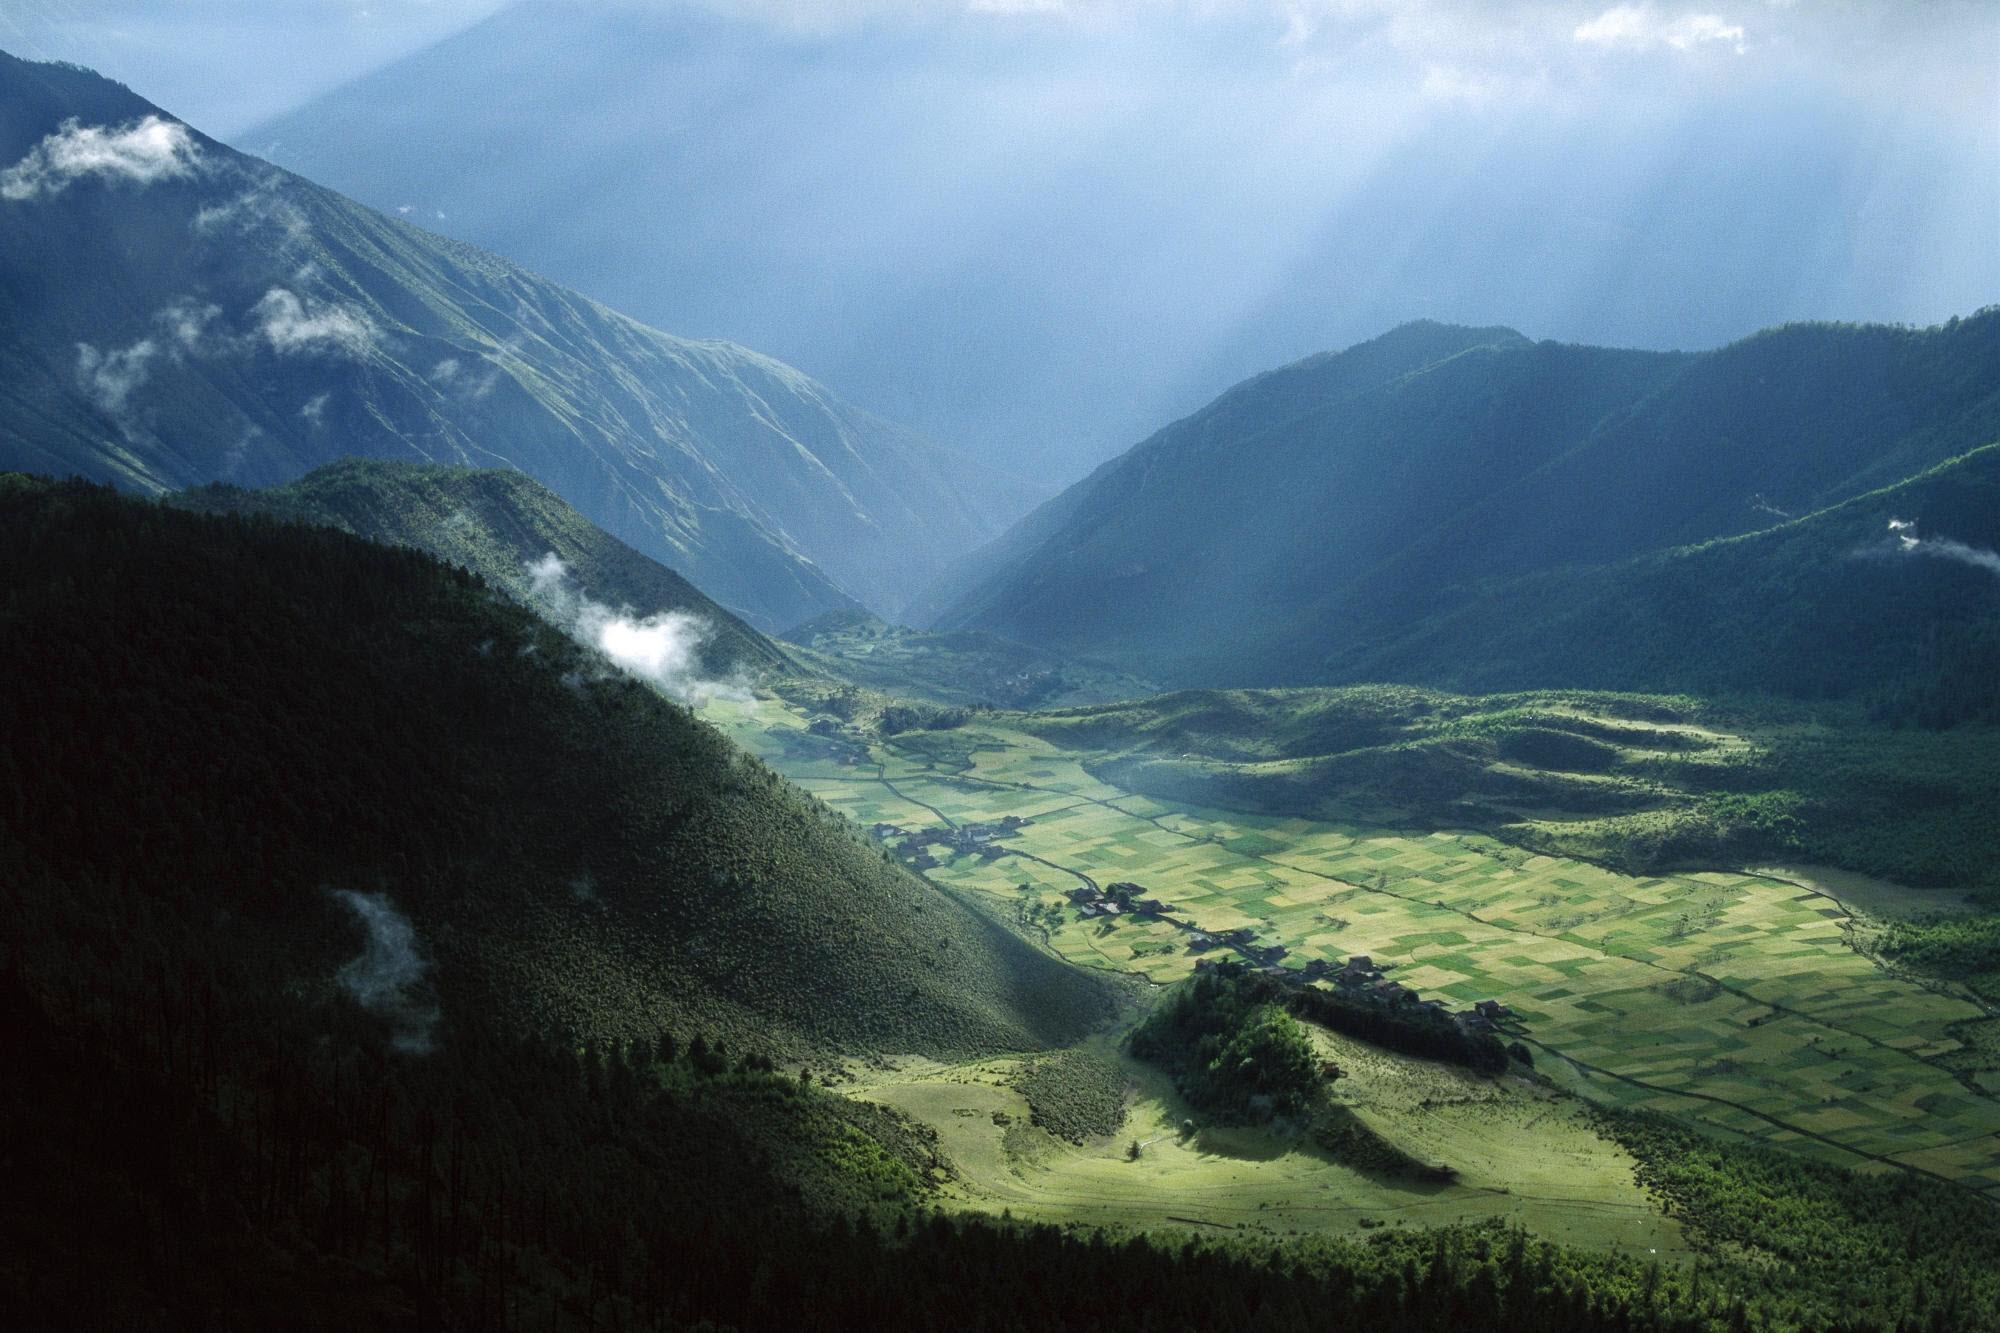 133182 скачать обои Природа, Азия, Облака, Высота, Поля, Зелень, Склоны, Луга, Горы - заставки и картинки бесплатно